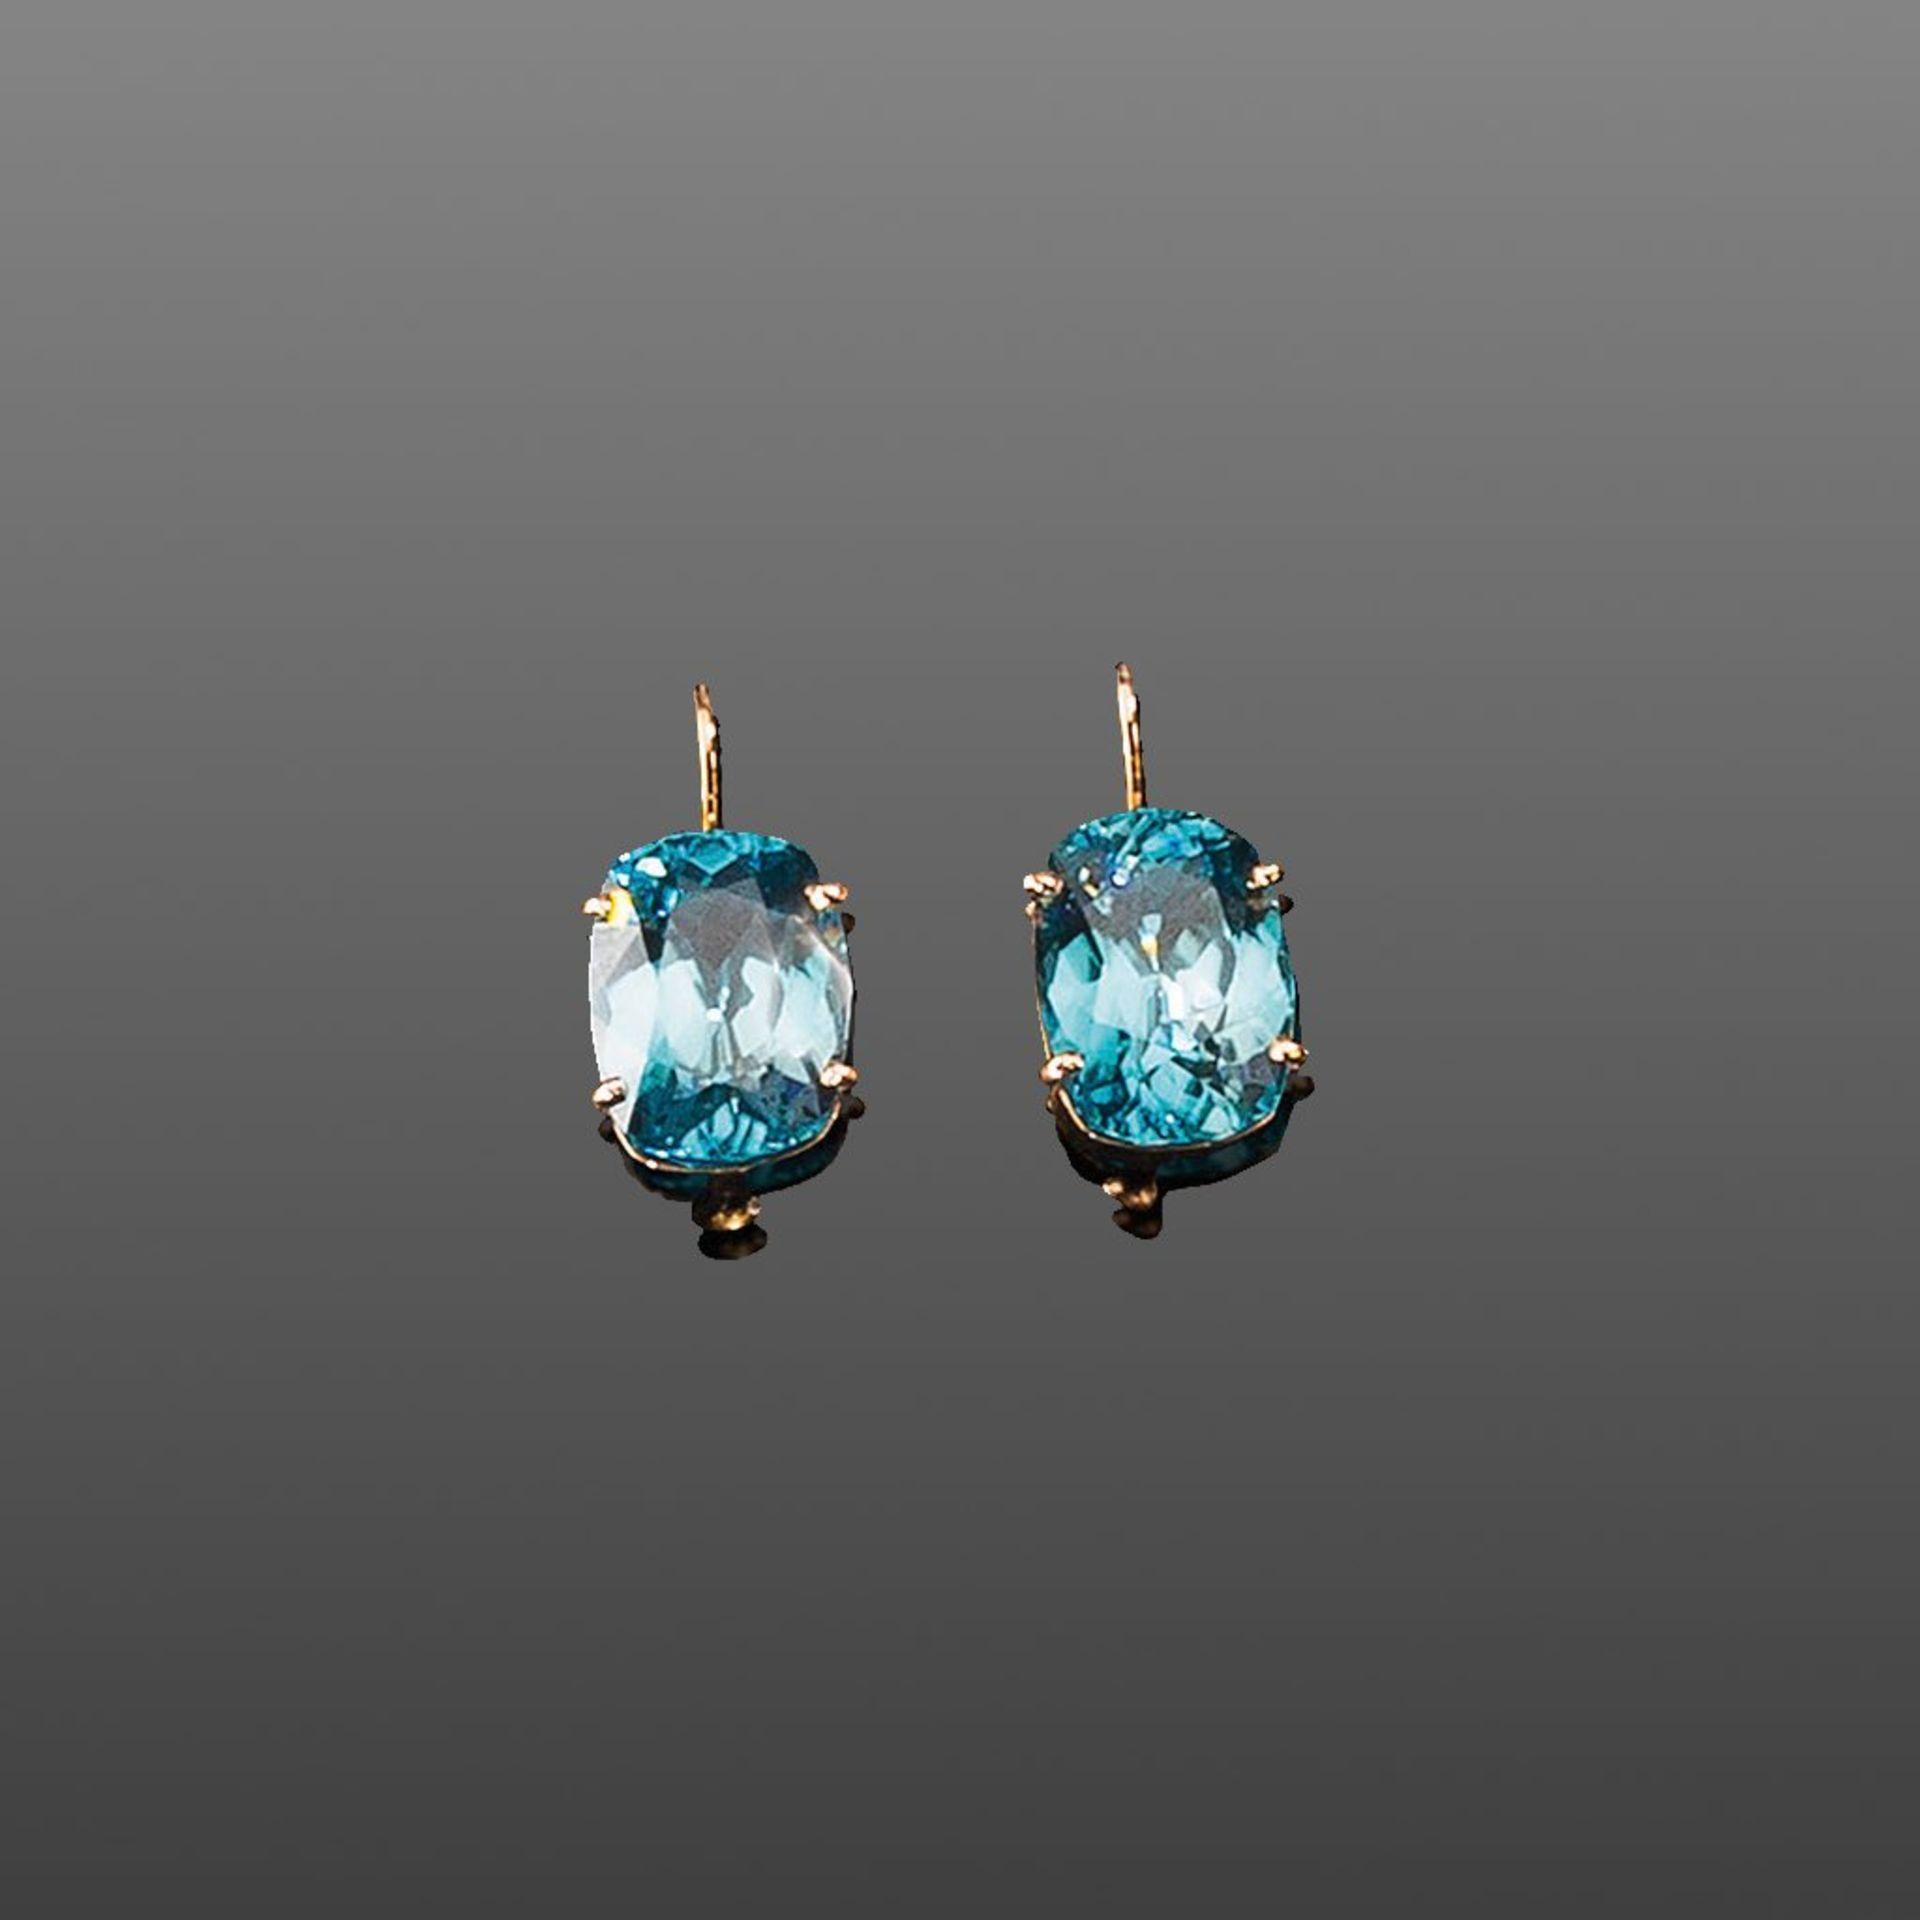 Paar Zírkonohrringe. Feine blaue Zirkone ca. 9,50 ct. Fassung 18 ct. RG mit Antik-/Hakenbrisur